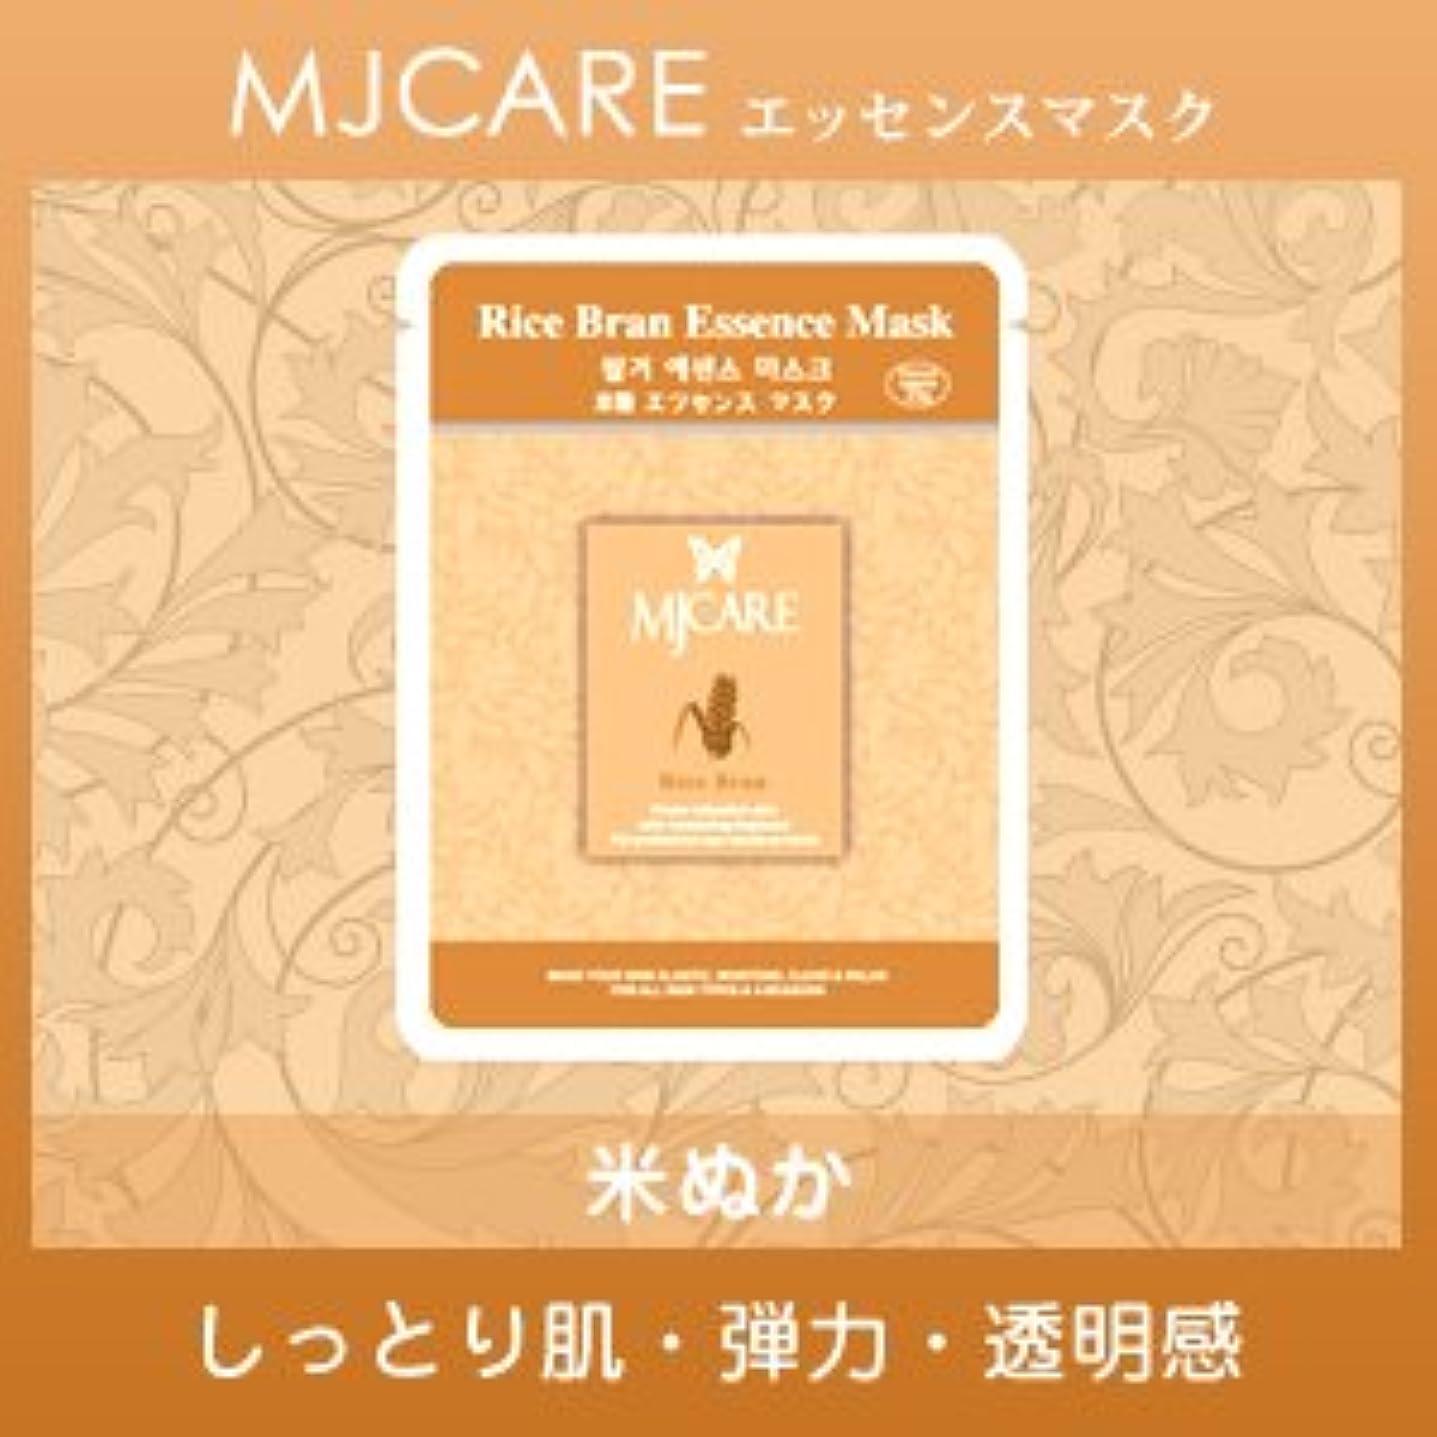 懐疑論フリンジ署名MJCARE (エムジェイケア) 米ぬか エッセンスマスク